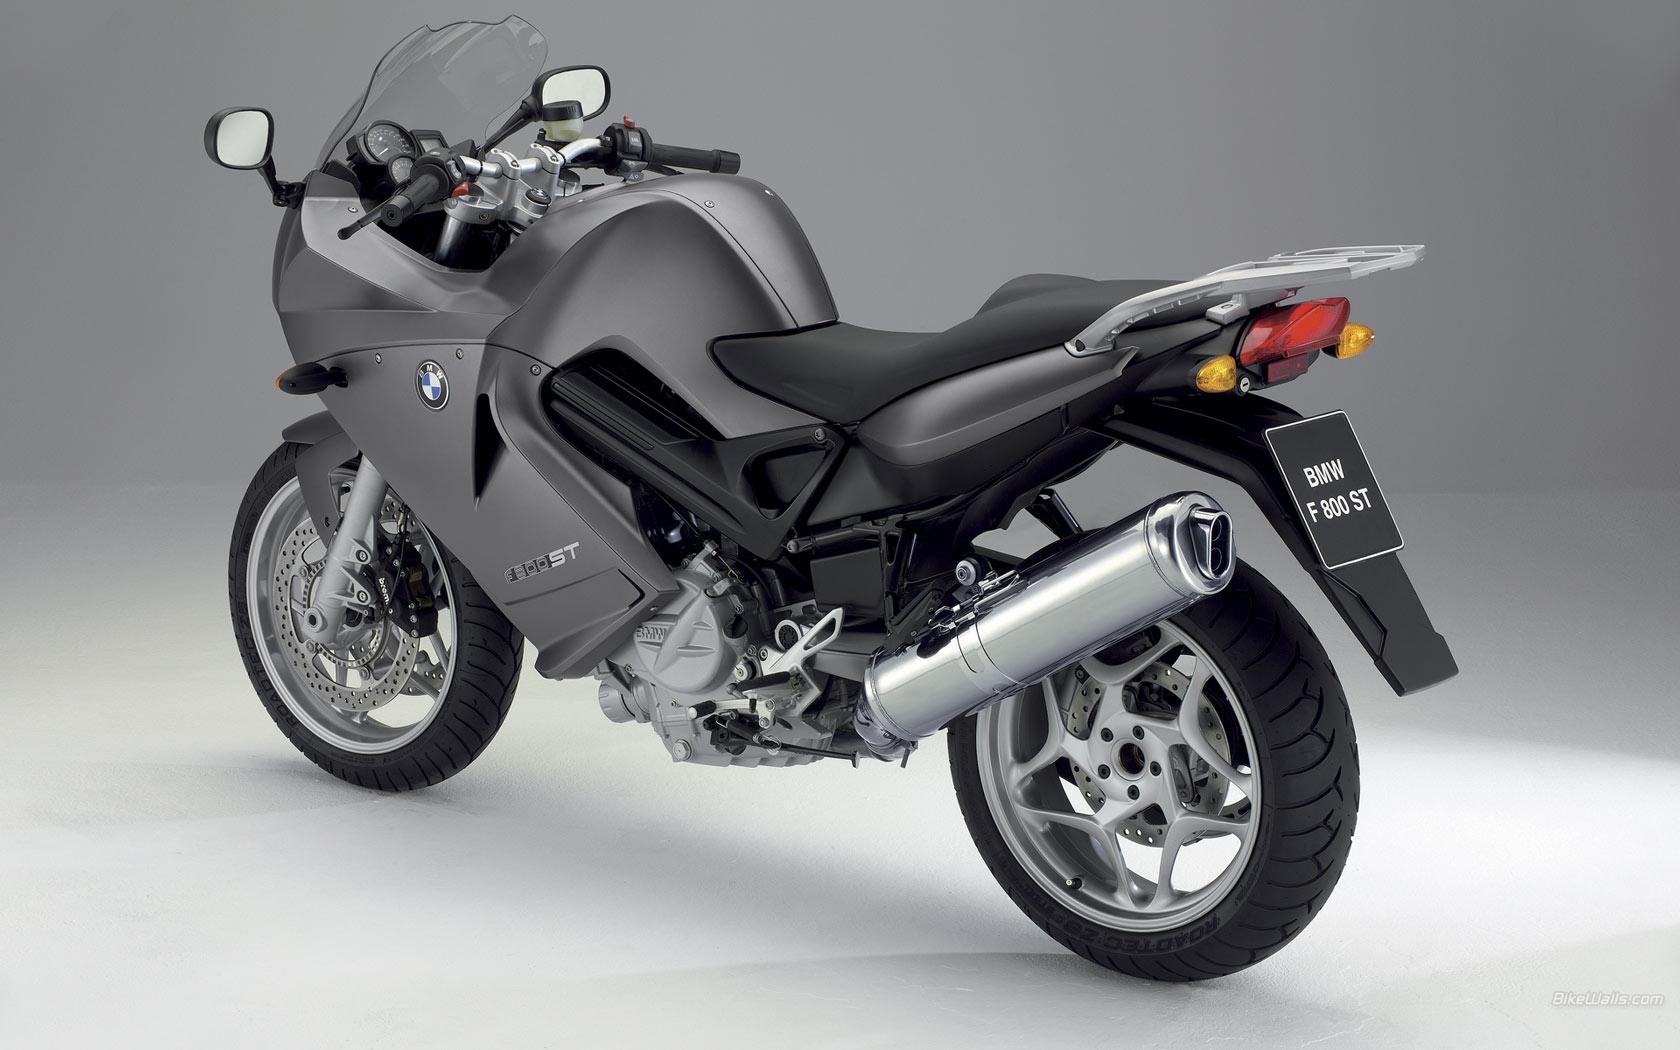 BMW_F_800_ST_2006_05_1680x1050.jpg